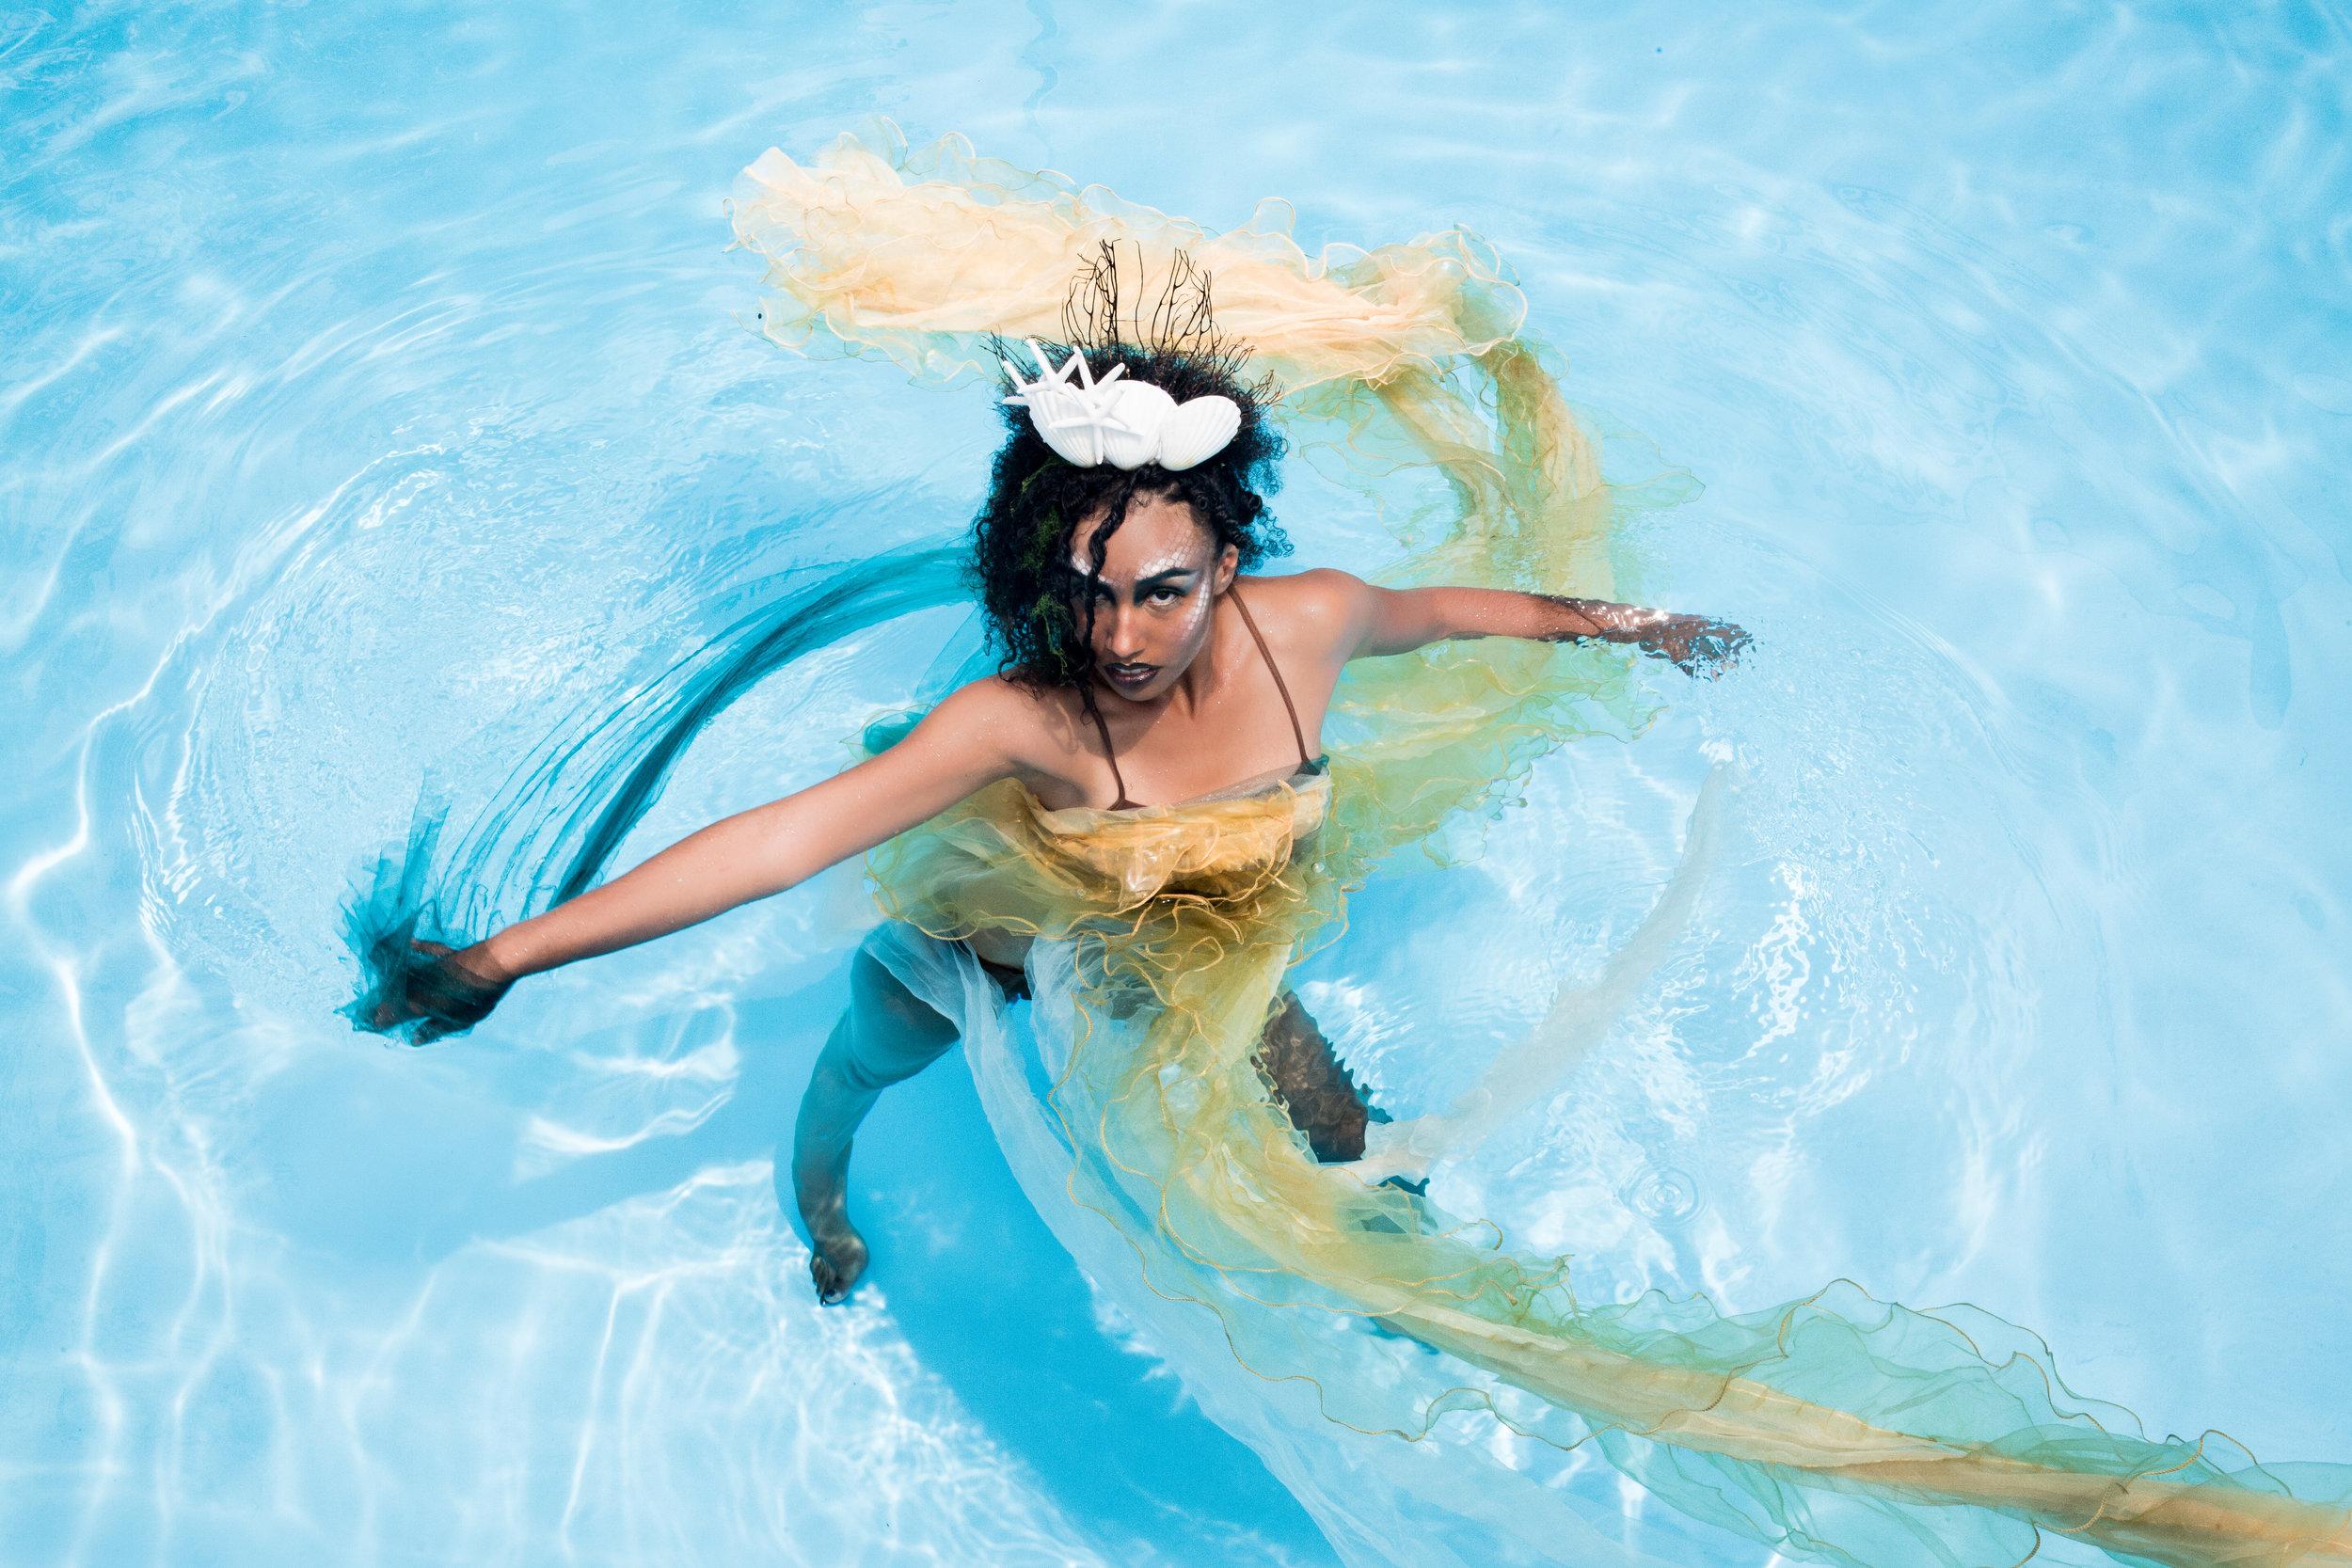 Mermaid-57.jpg